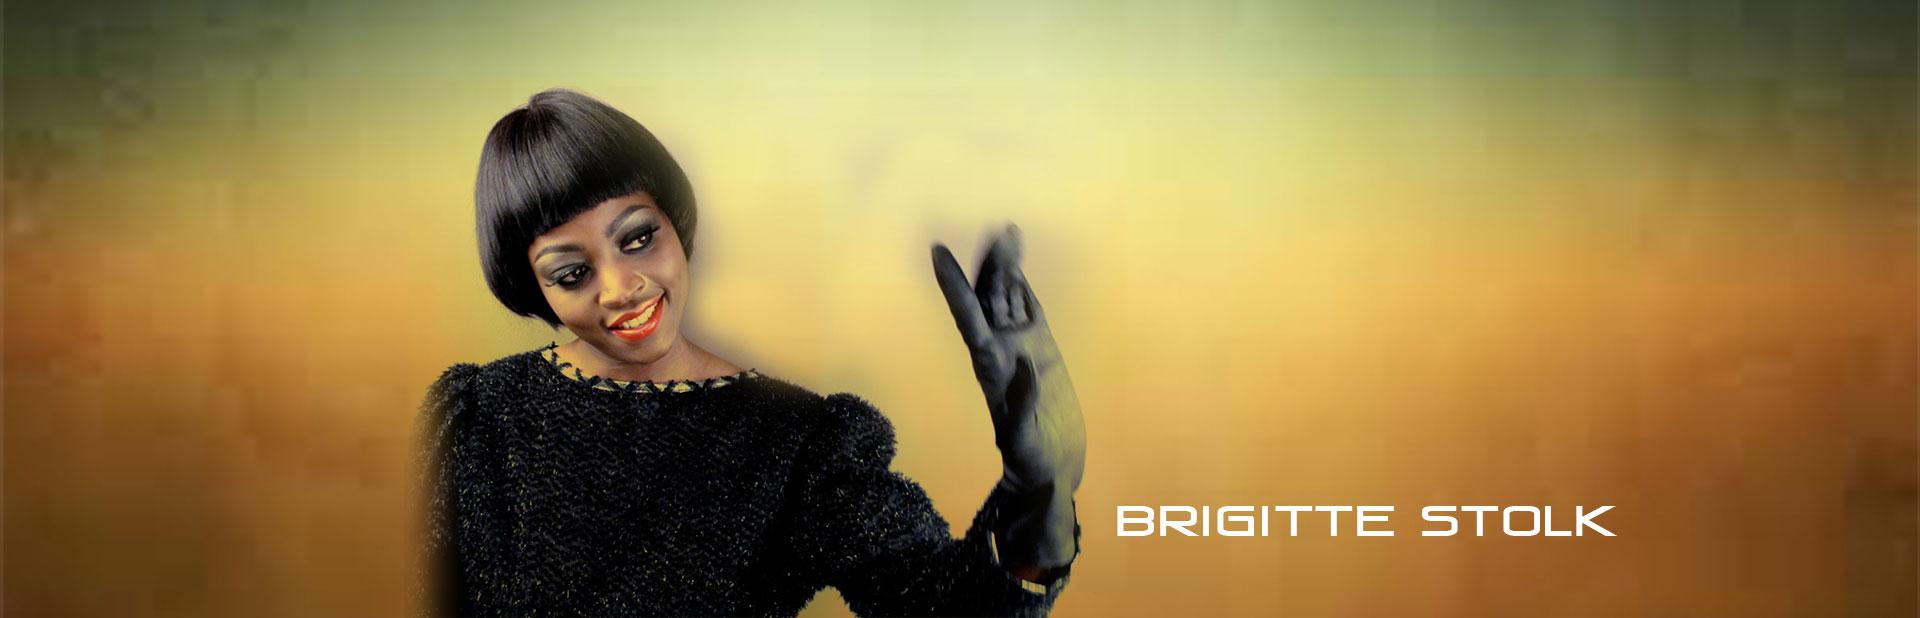 Brigitte Stolk